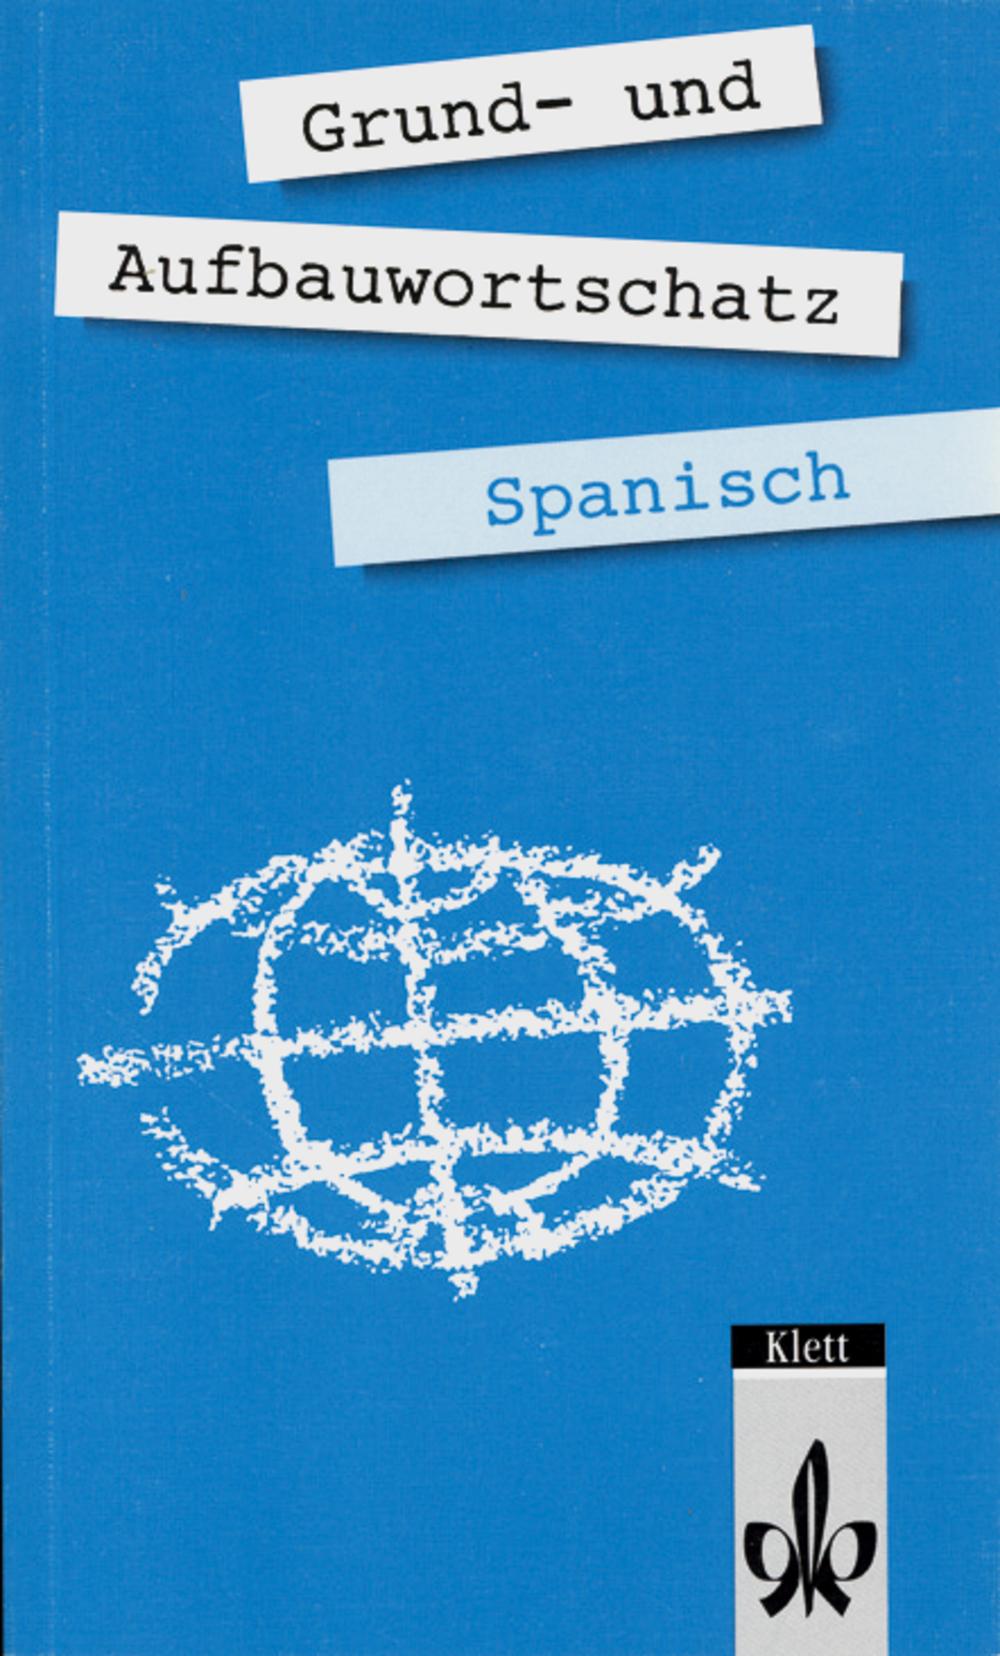 Grund- und Aufbauwortschatz Spanisch - Carl Heupel